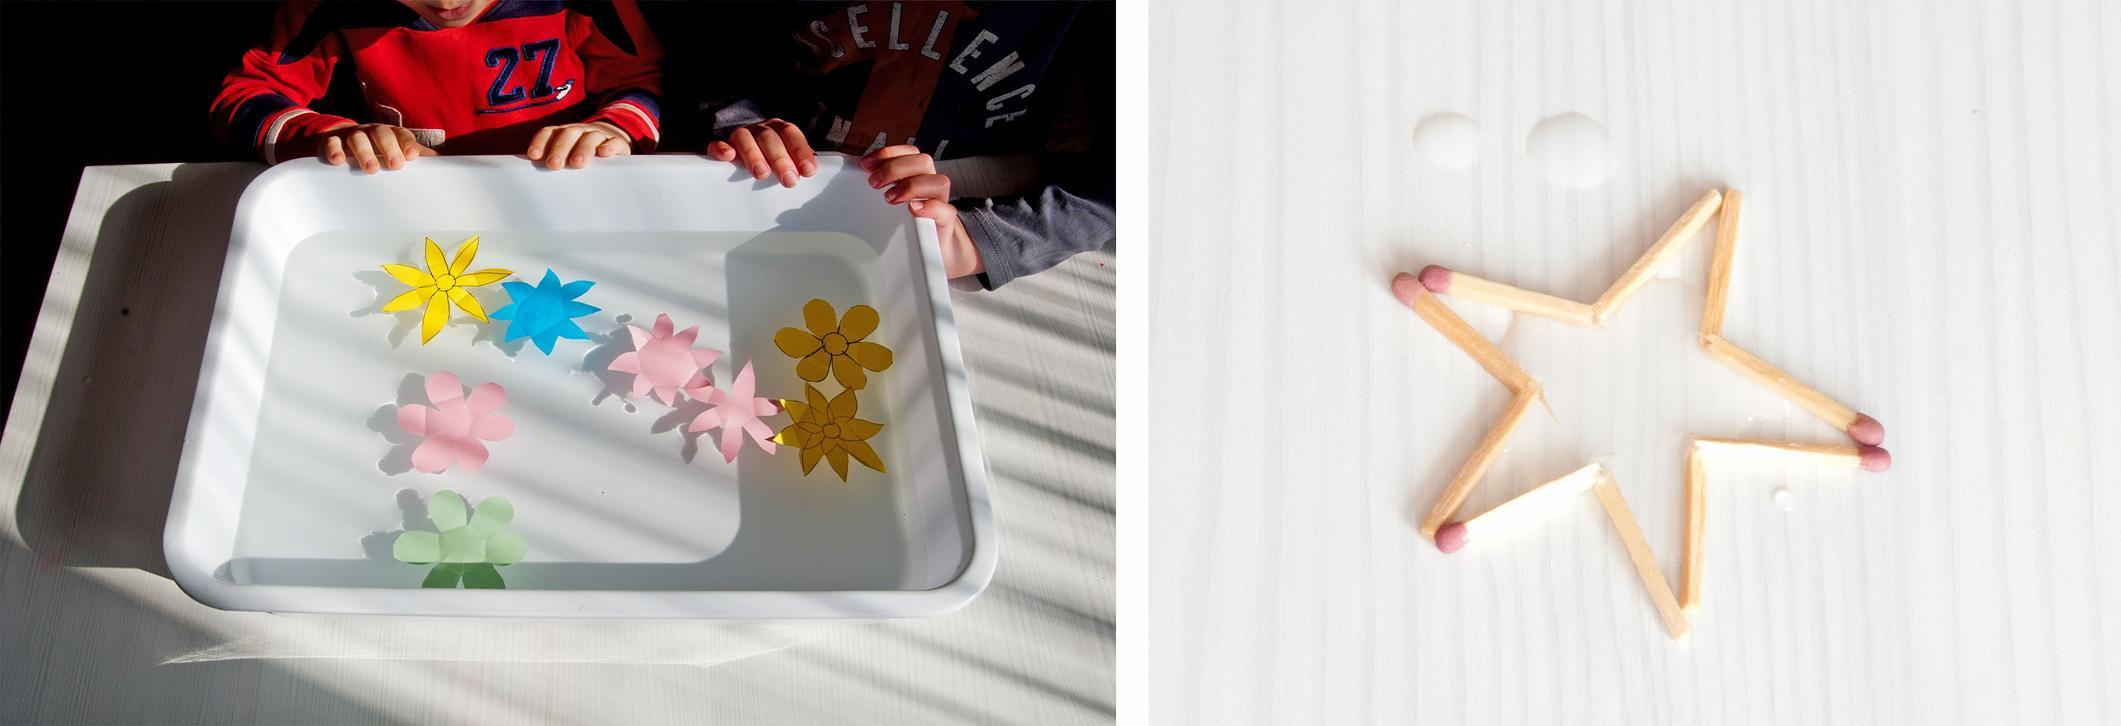 Два цікавих експерименти для дітей